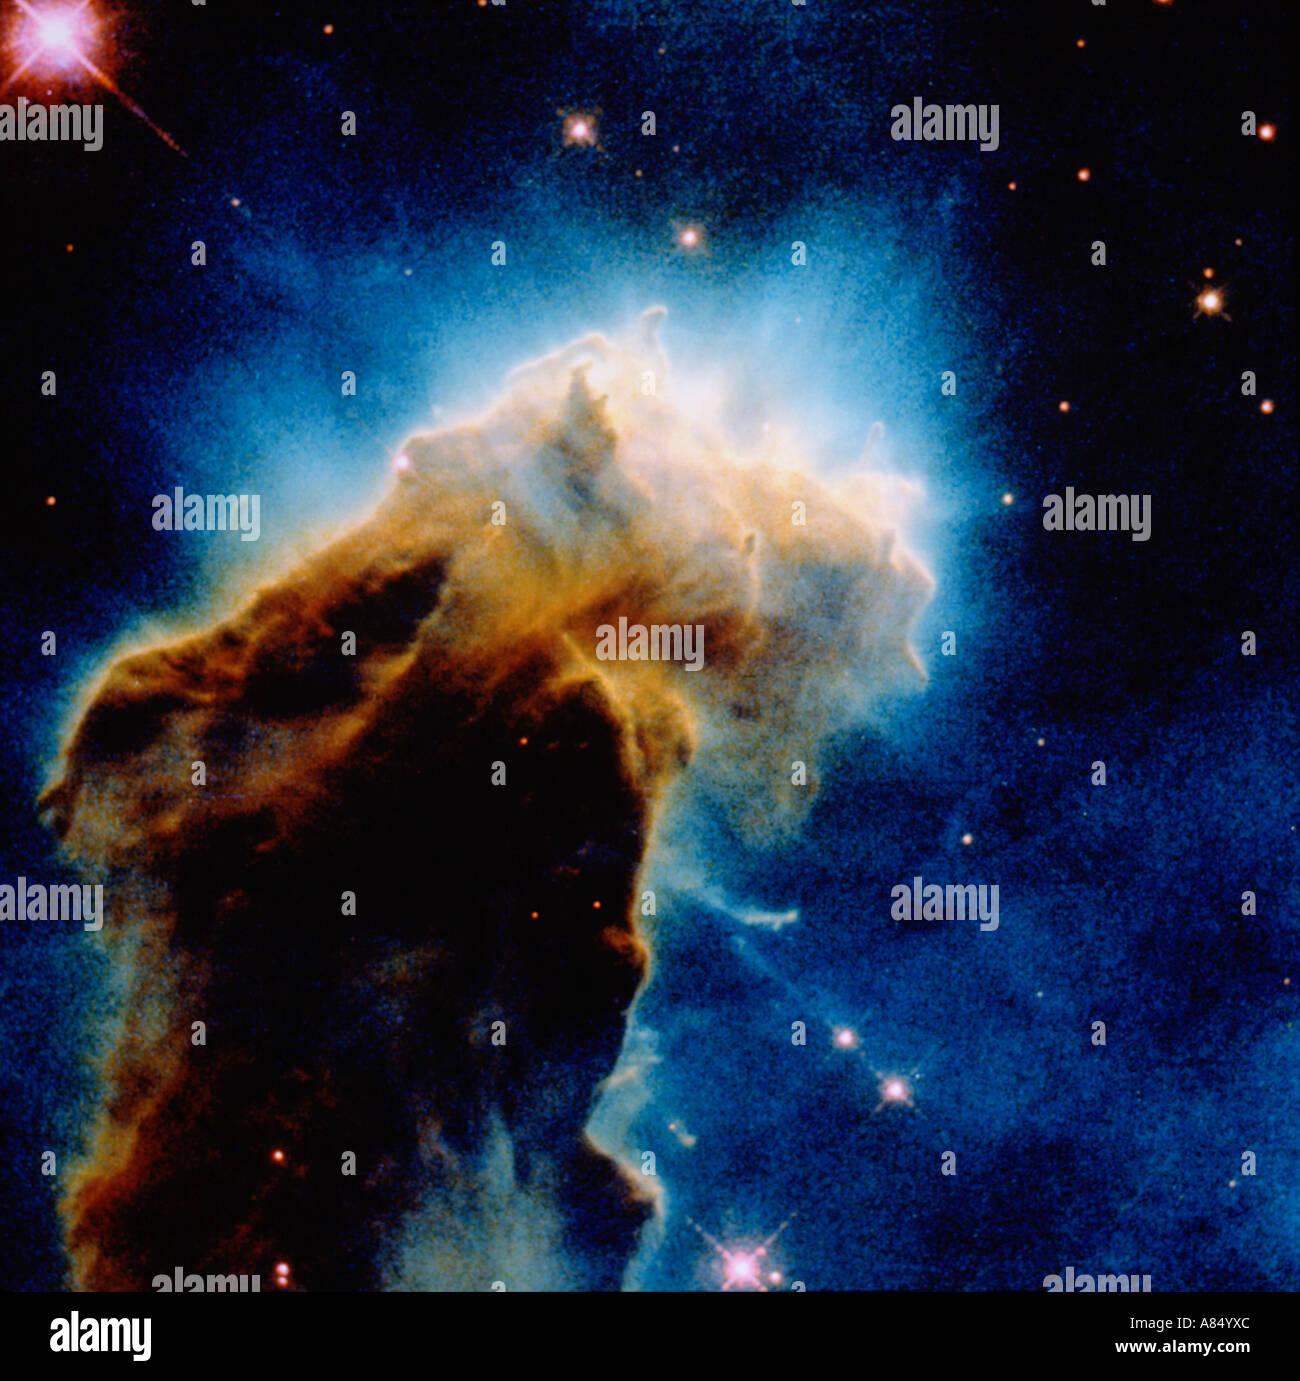 Astronomia. Star nascita nuvole nello spazio profondo. Eagle nebulose. Telescopio Hubble immagine. Immagini Stock